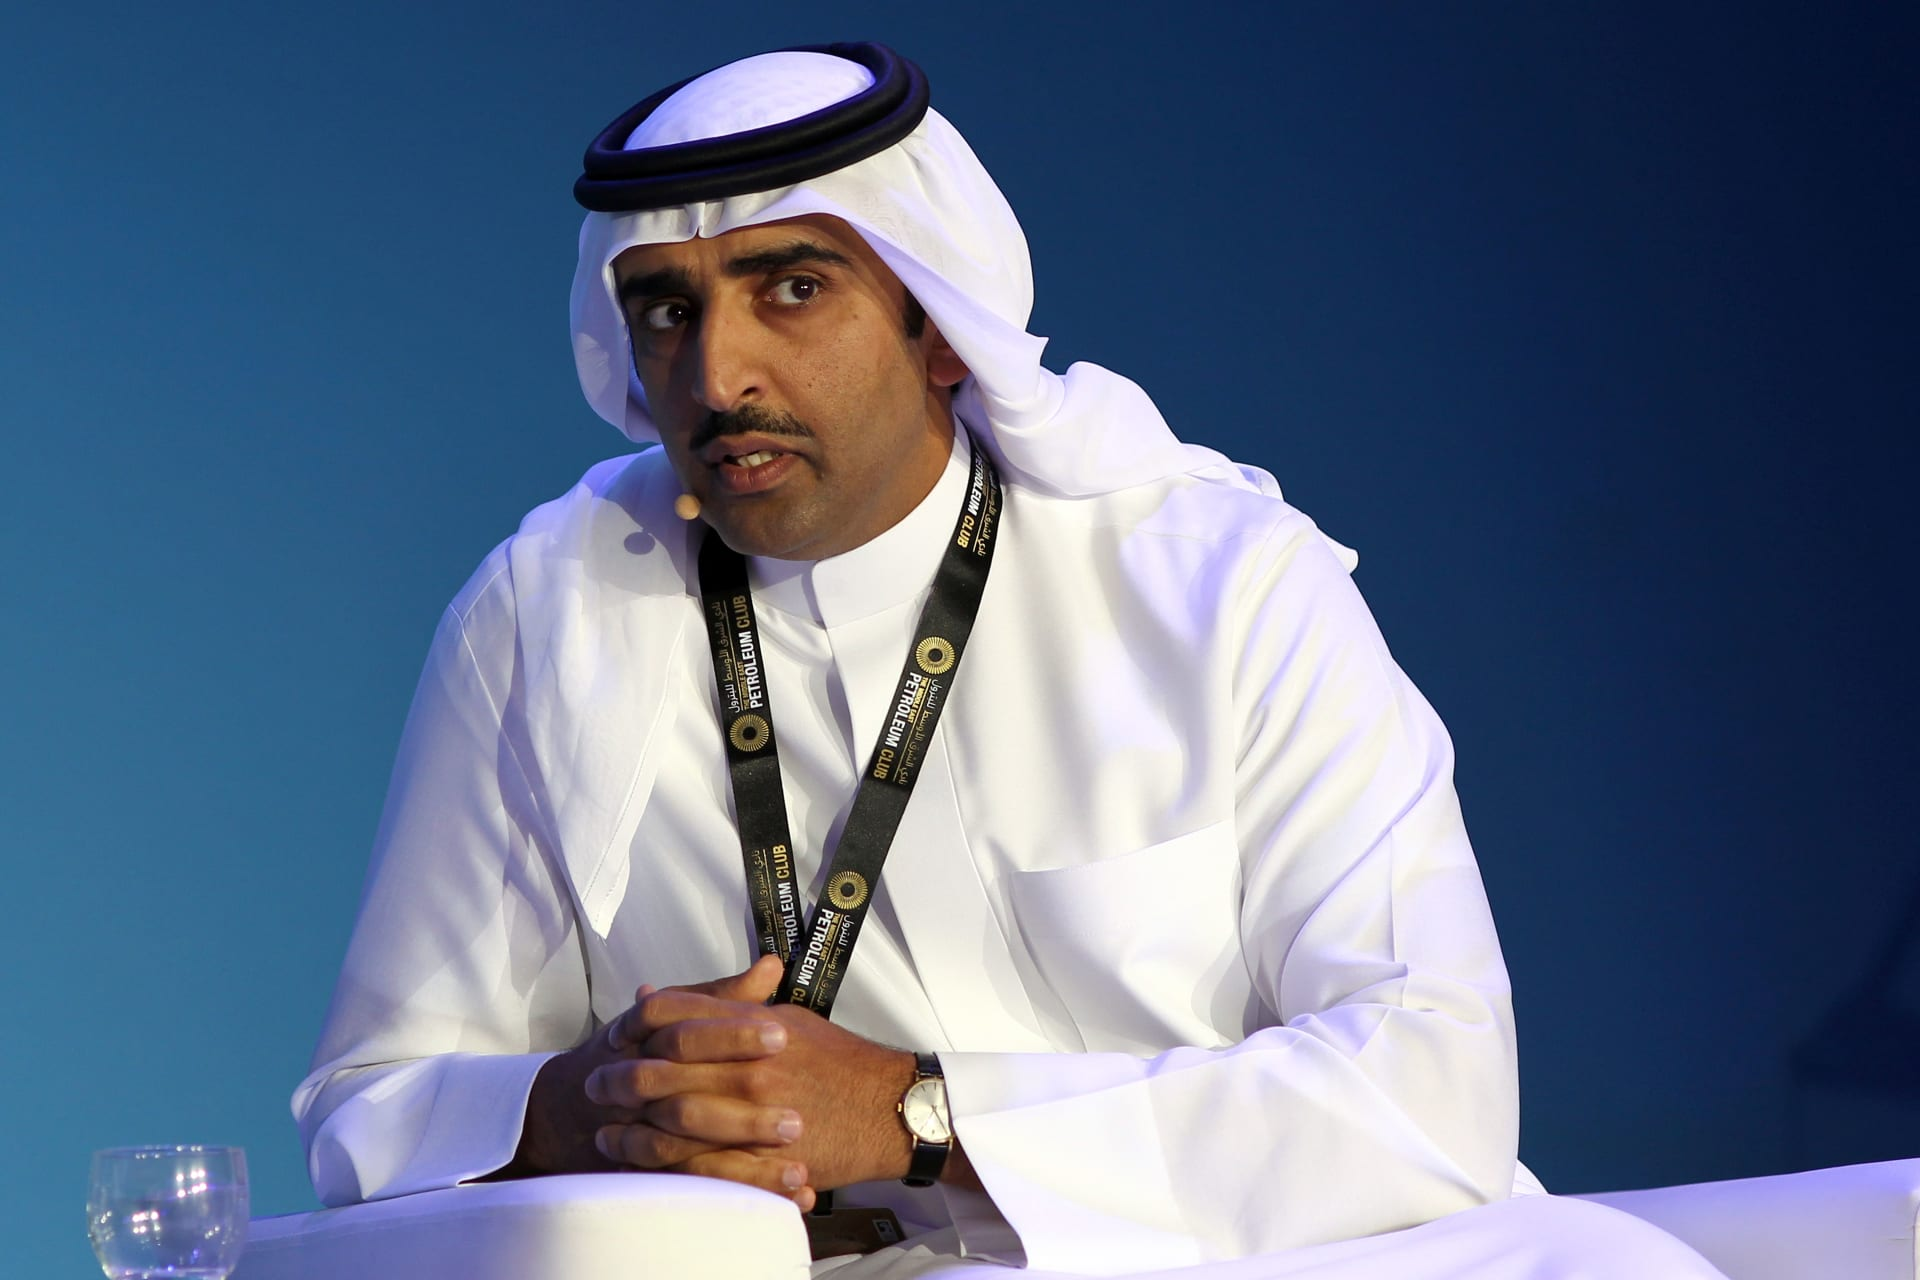 البحرين تناقش السماح للقطاع الخاص بالاستثمار في النفط